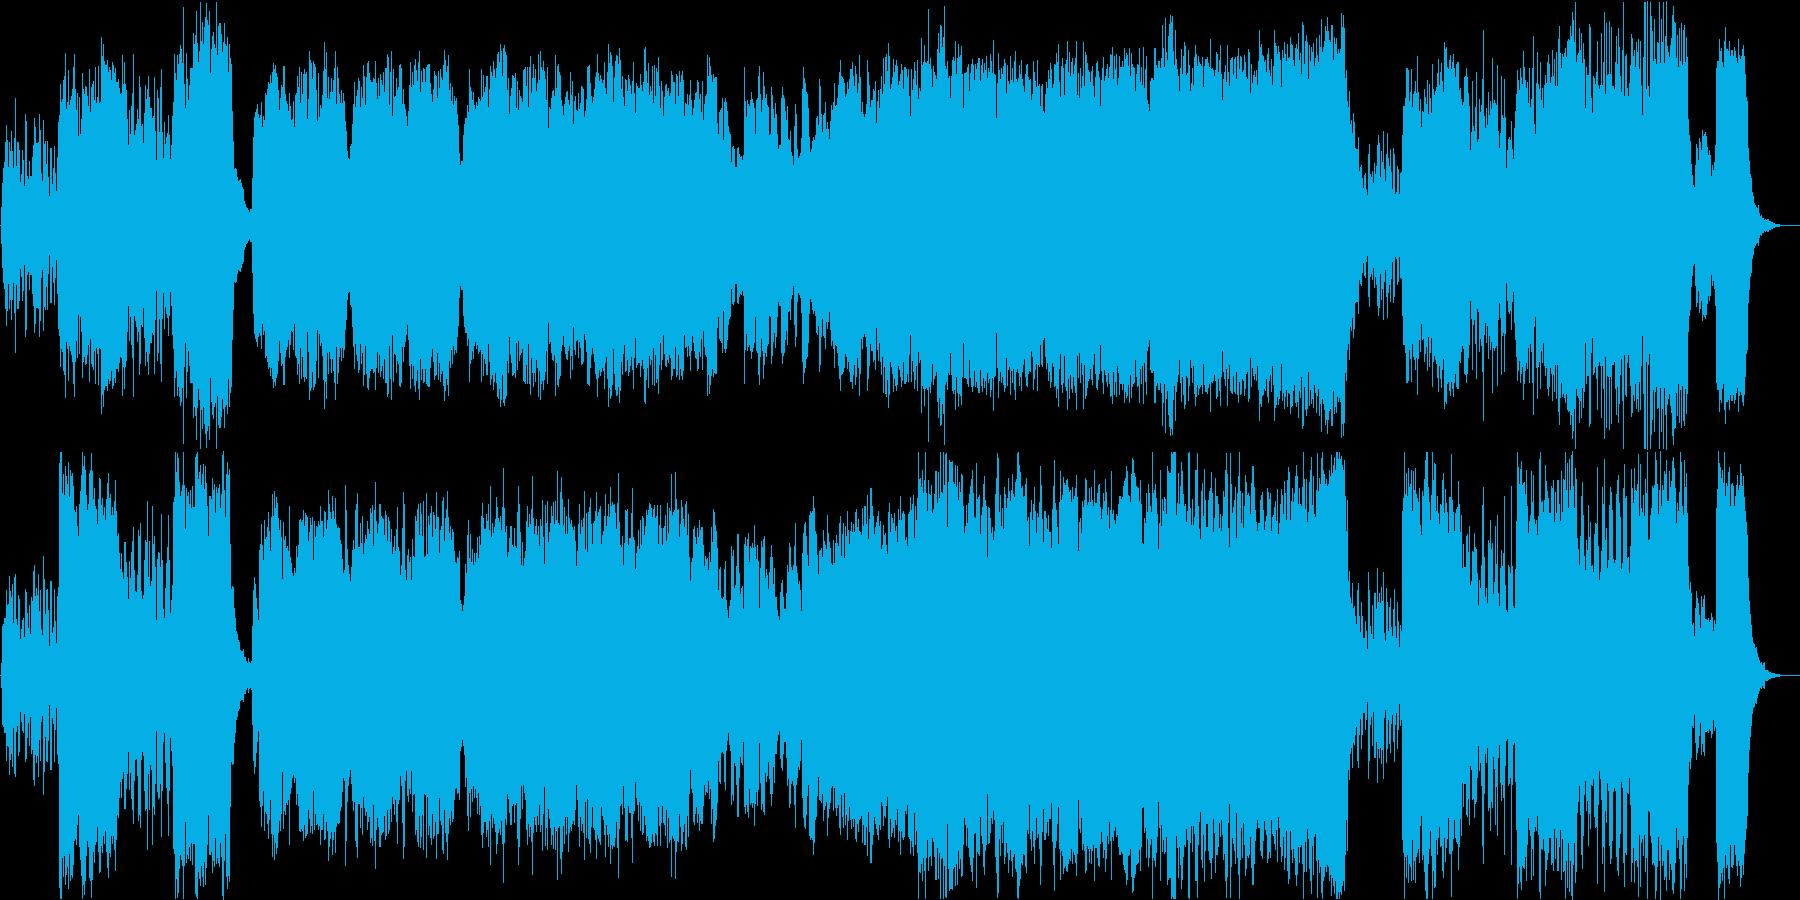 感動的かつシリアスなオーケストラの再生済みの波形